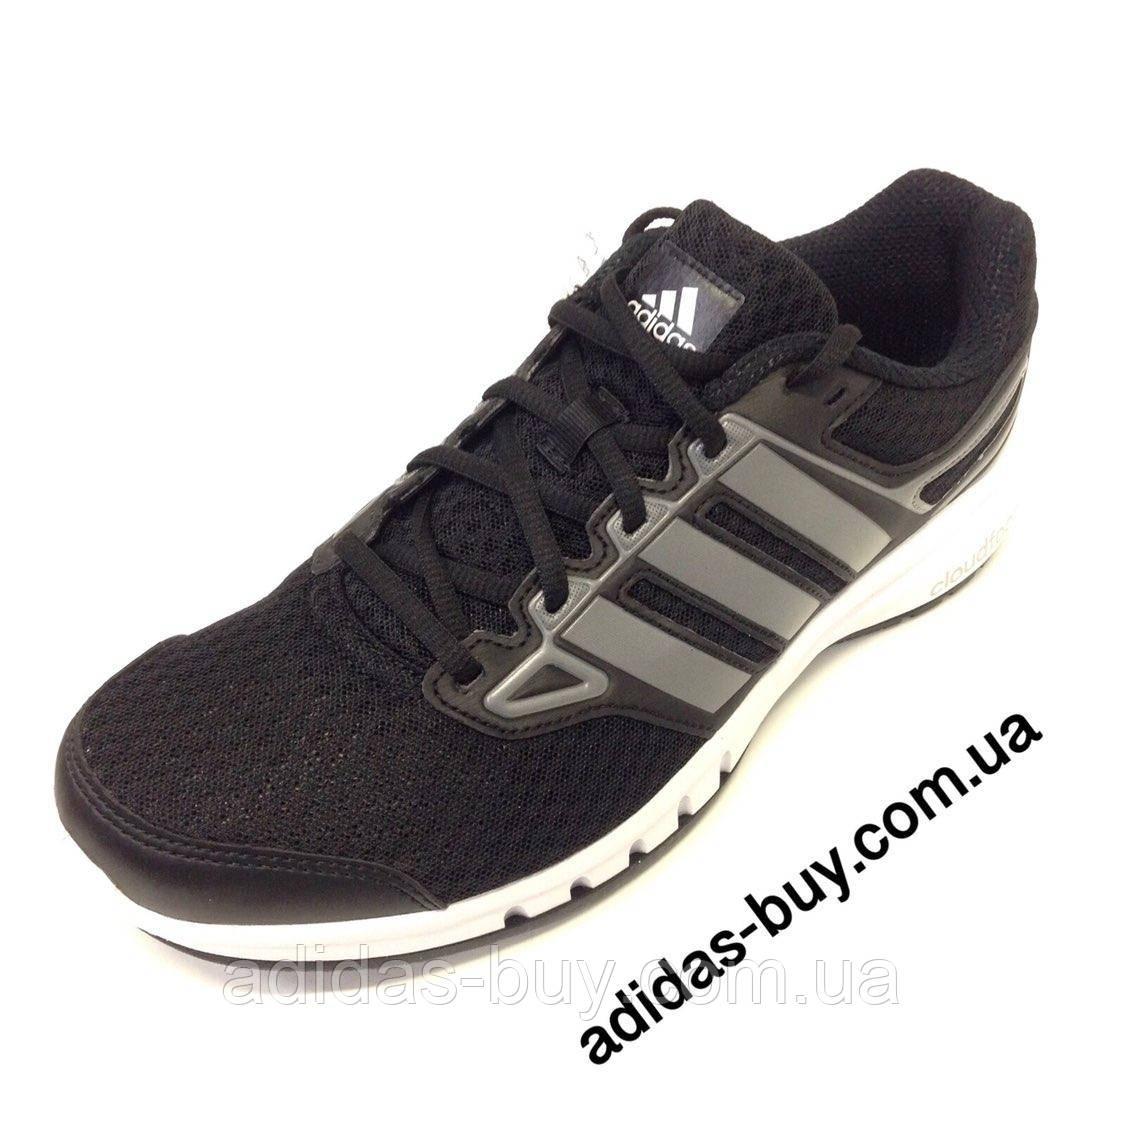 Мужские кроссовки adidas GALACTIC ELITE B35857 оригинальные